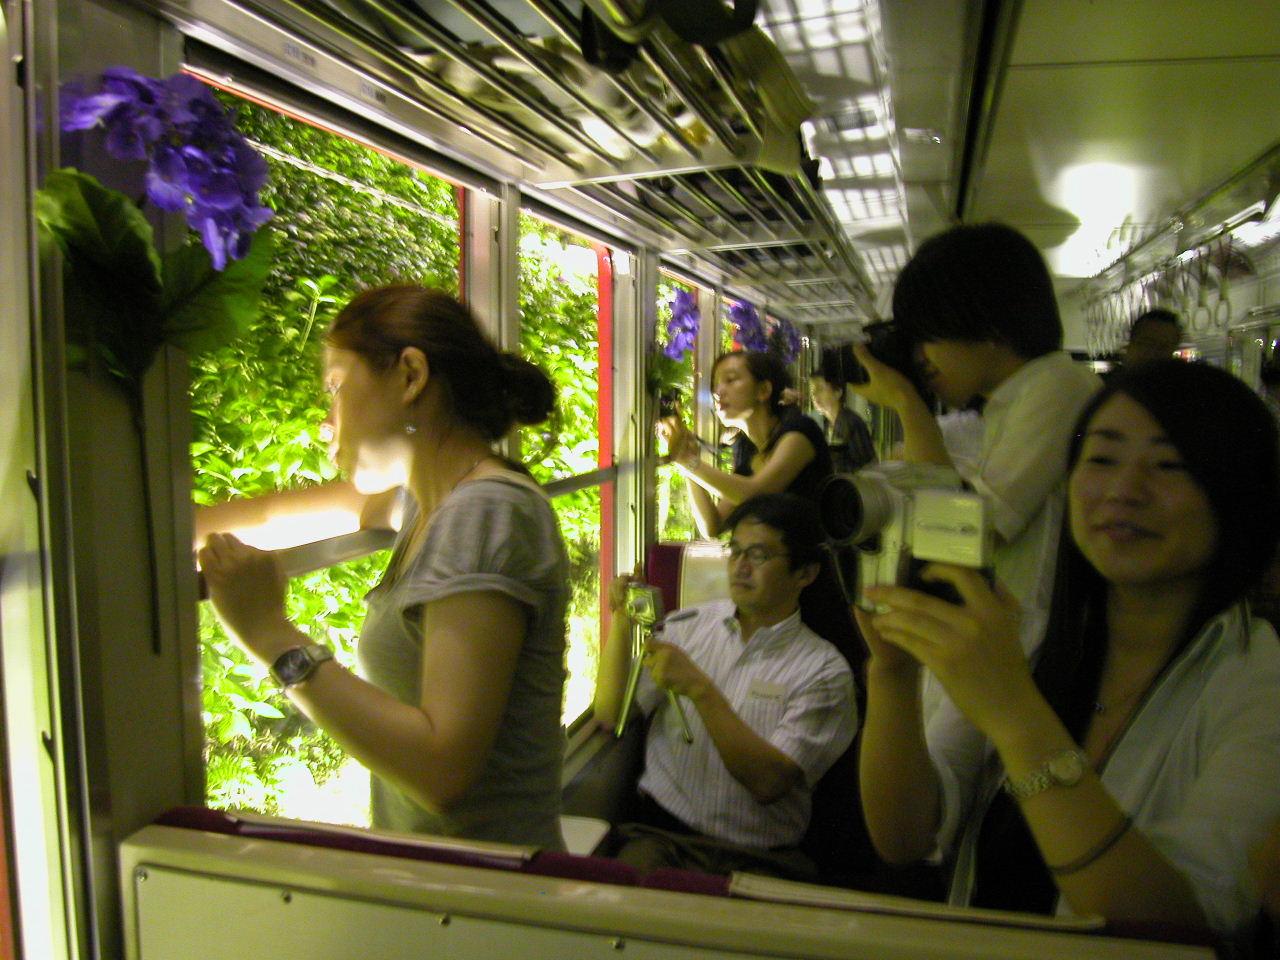 街歩き2006:箱根登山鉄道『夜のあじさい号』